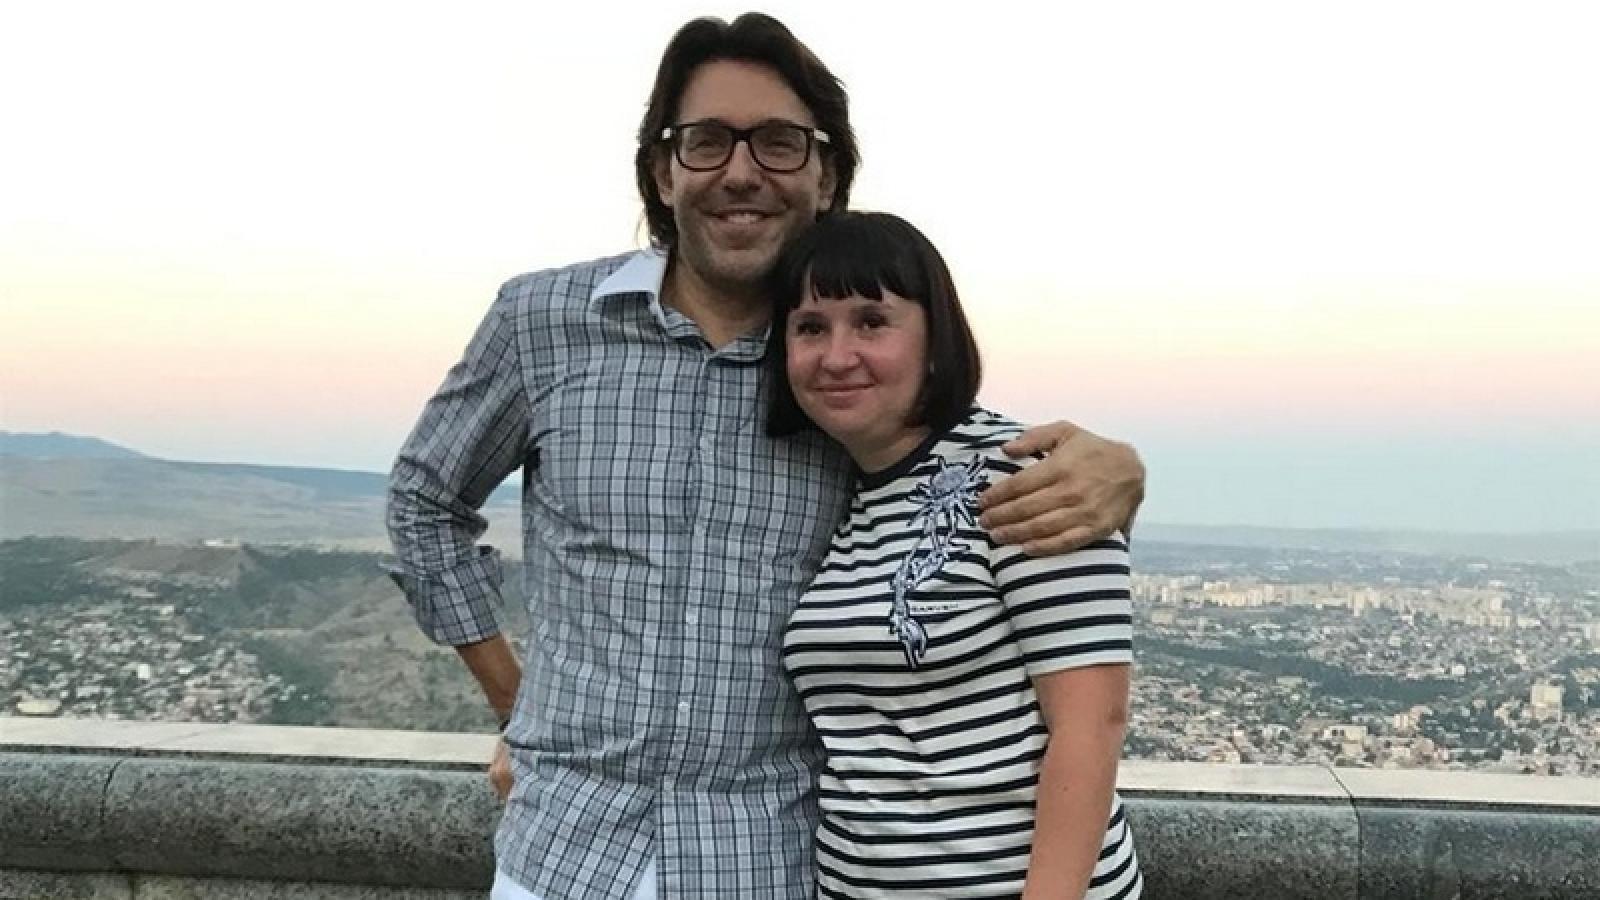 Череповчанка Юлия Мажарова выиграла отпуск в Грузии с Андреем Малаховым